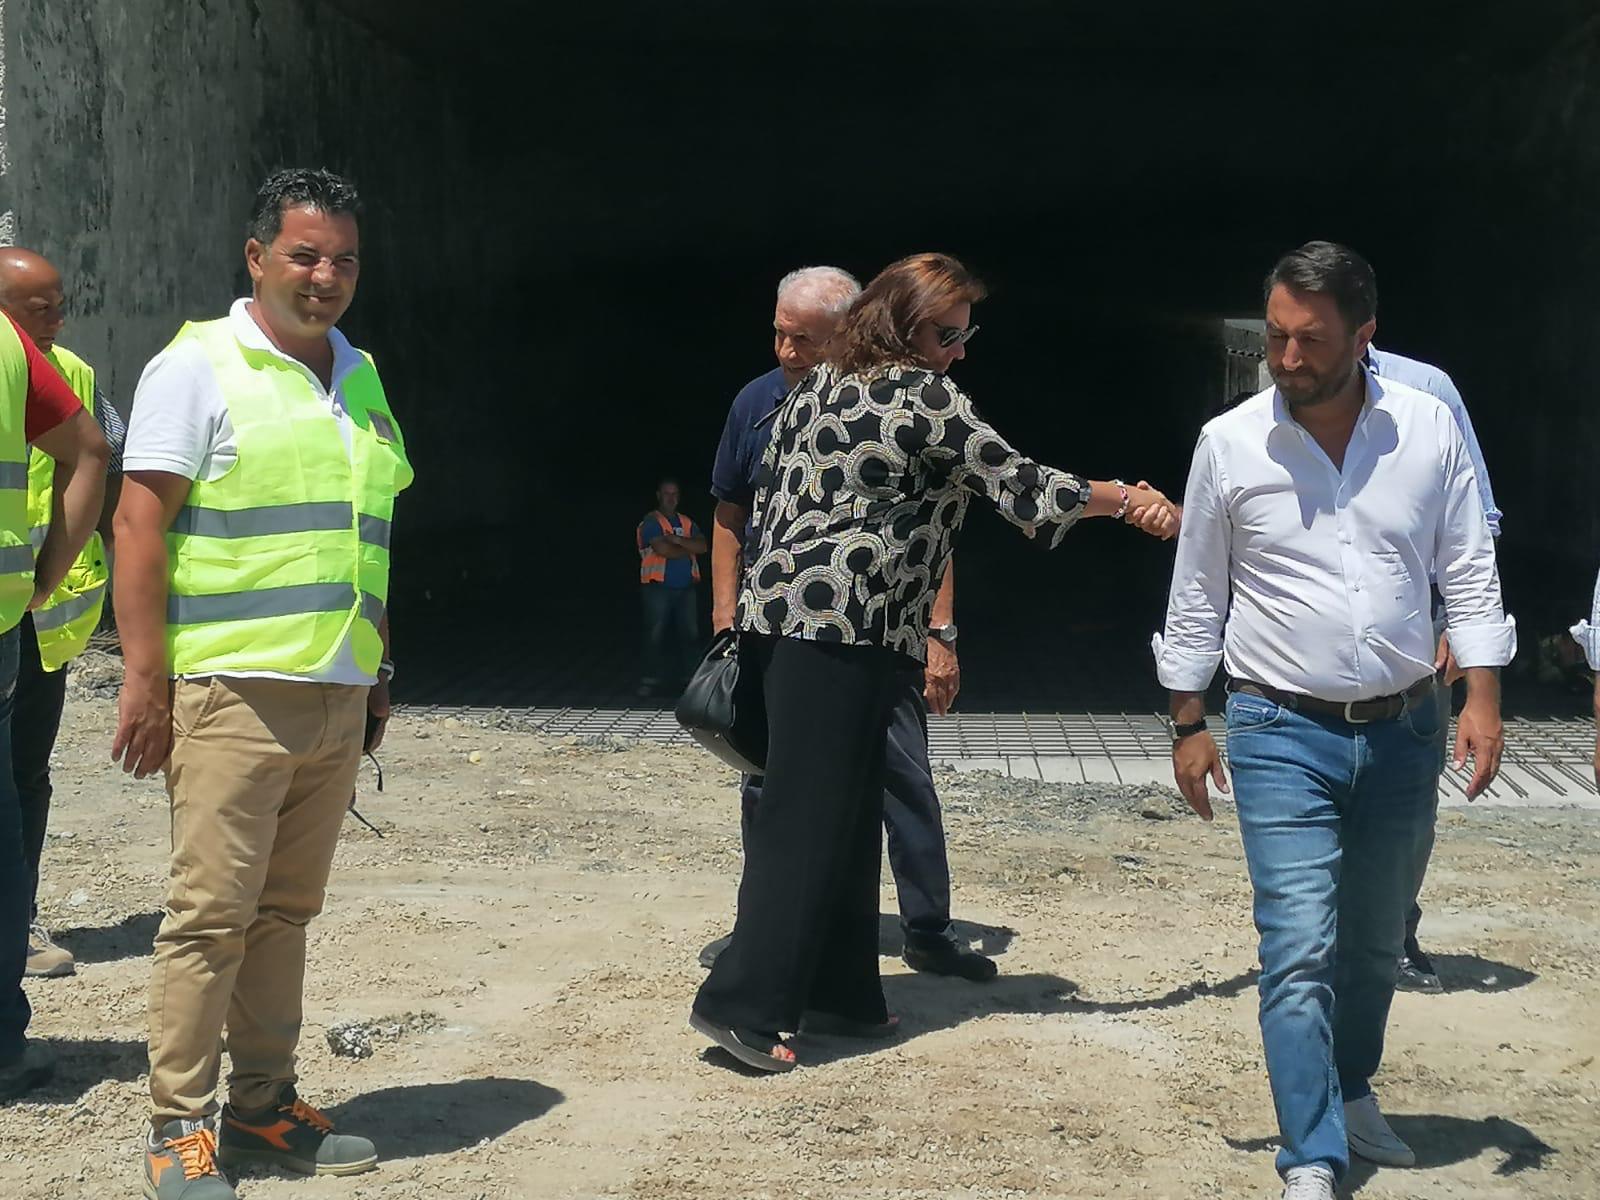 Sopralluogo del viceministro delle Infrastrutture Cancelleri al cantiere SS 117